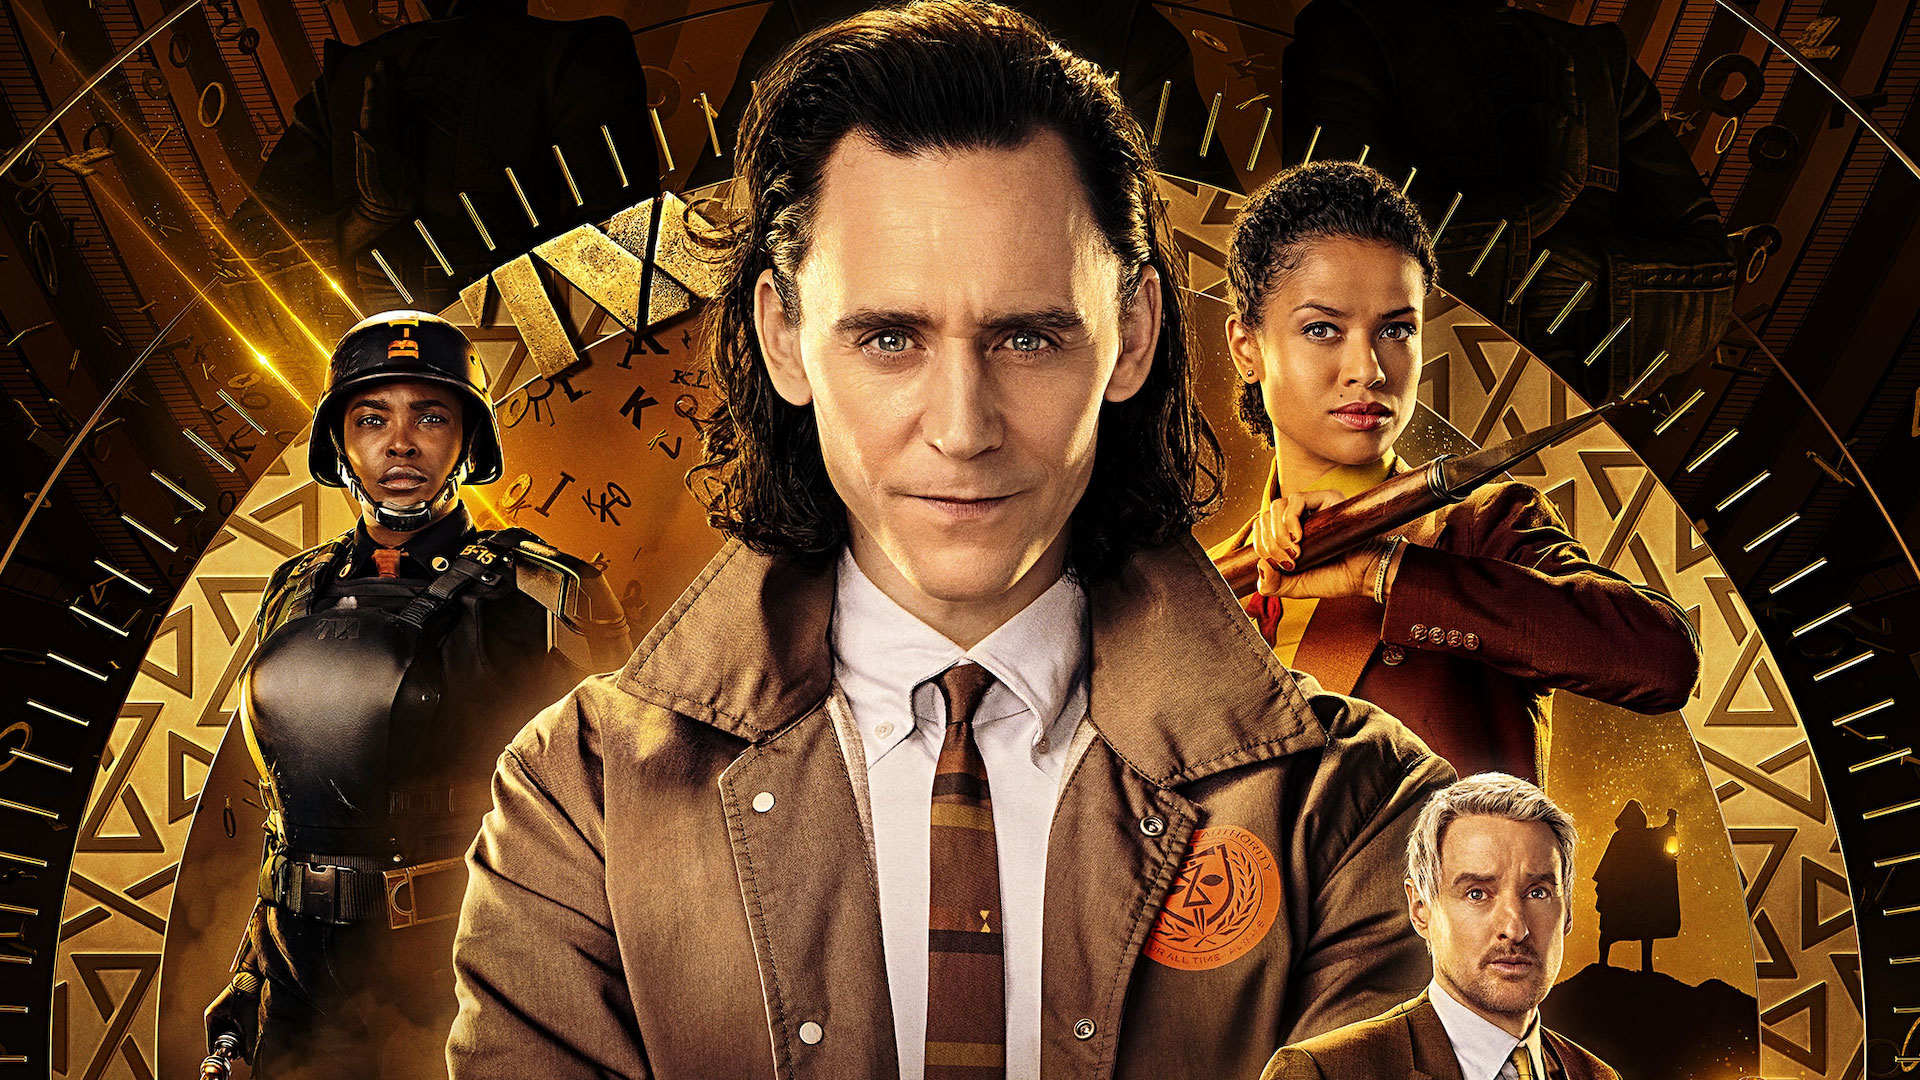 Avec Loki, le multivers du MCU se met enfin en place